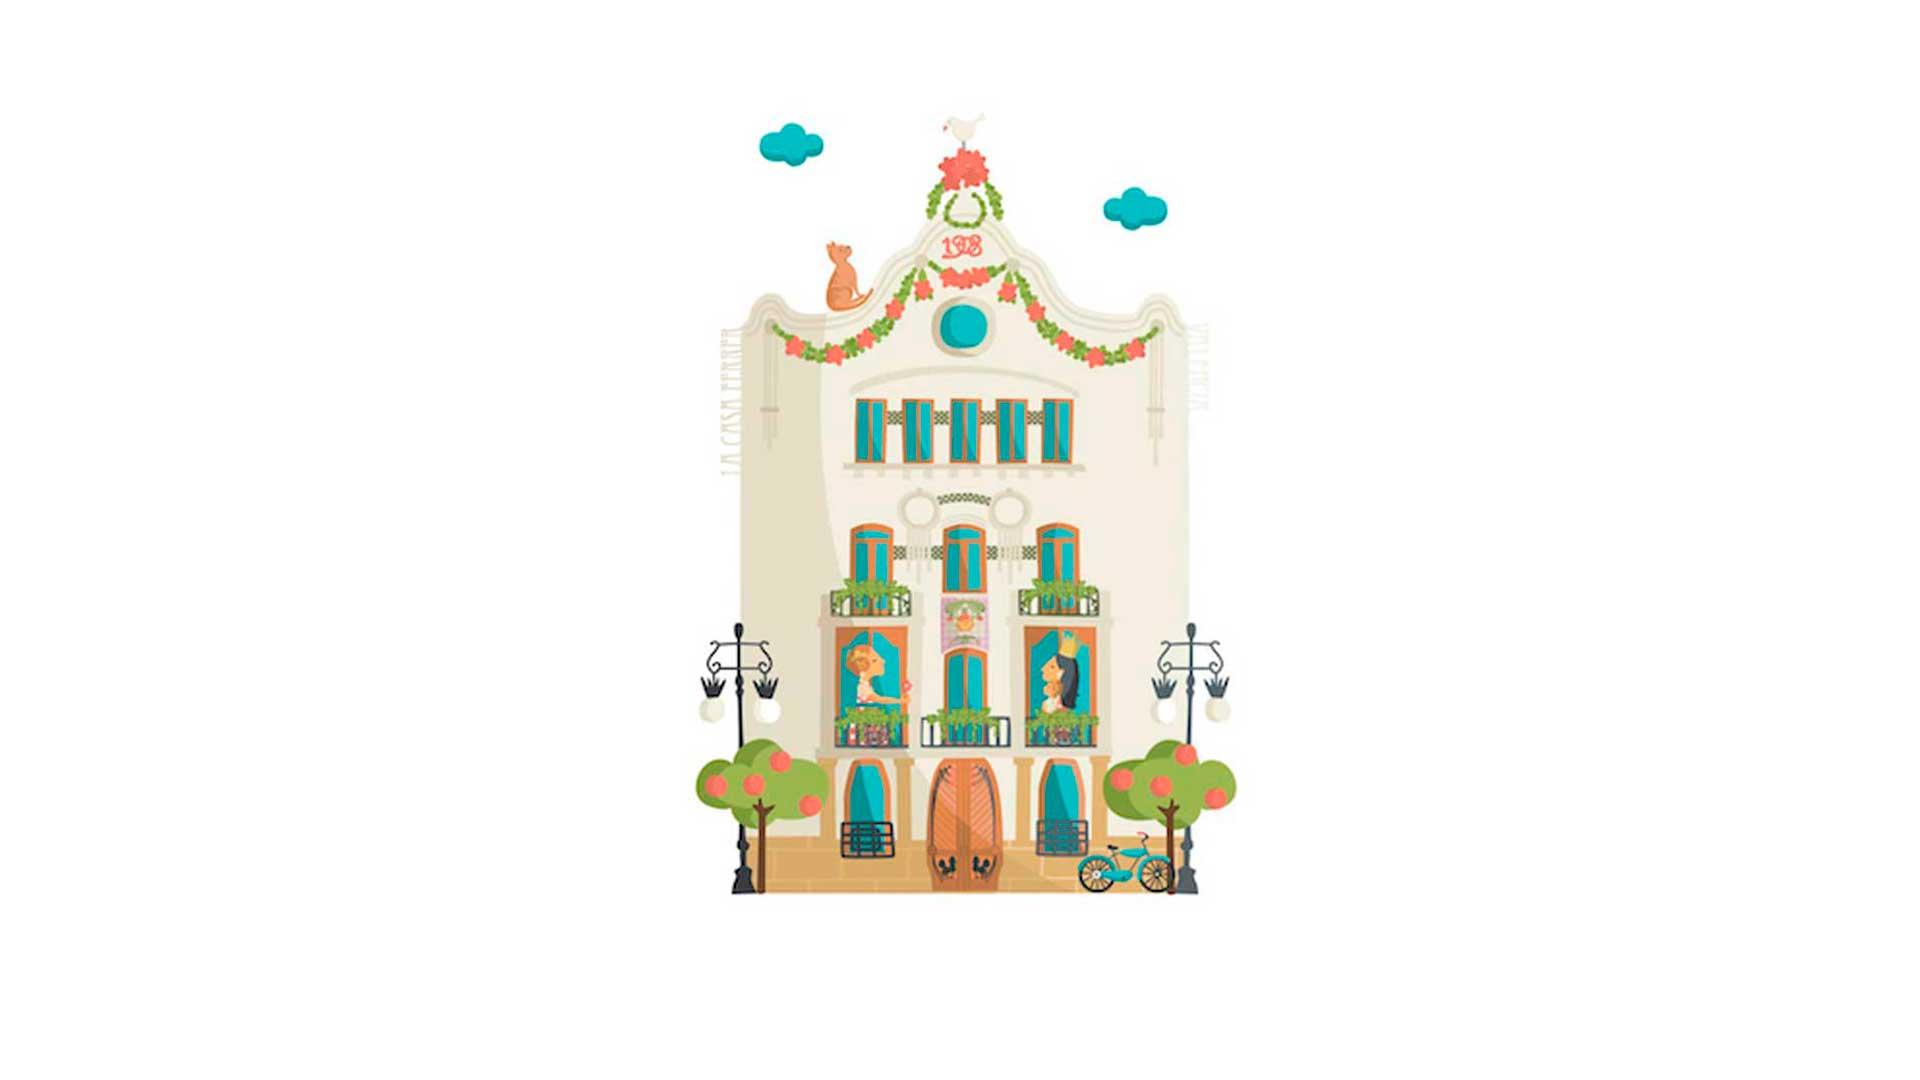 Expo-Valencia-se-ilustra-Tutti-confeti